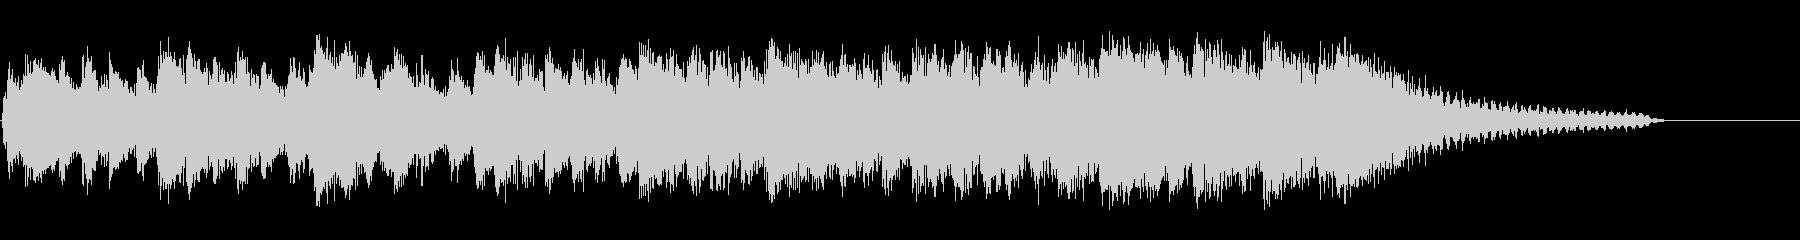 グランドピアノ:テンションアクセン...の未再生の波形